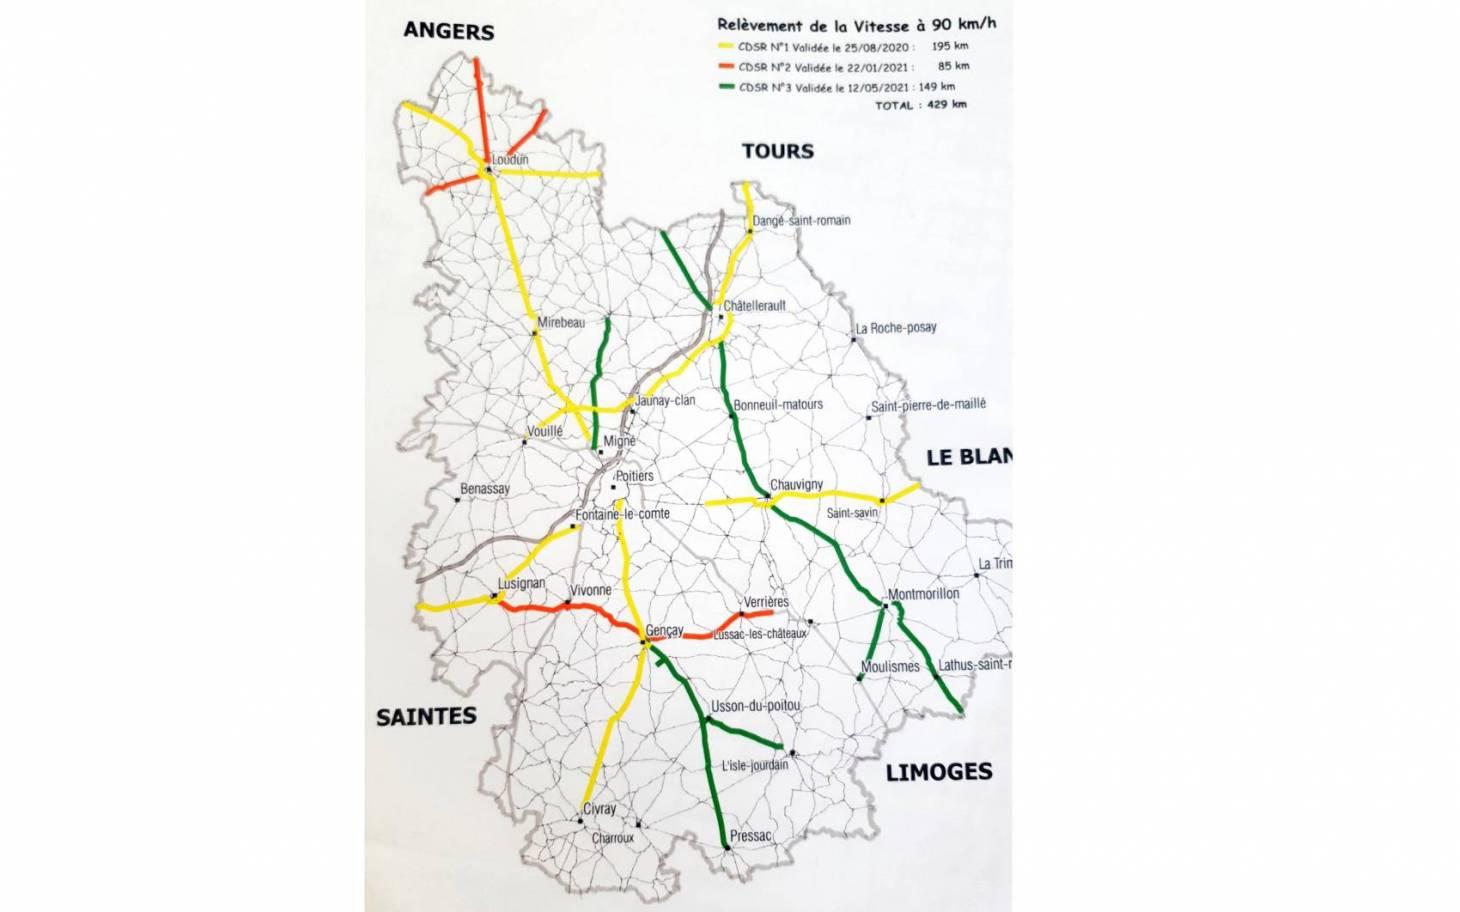 Retour à 90km/h sur 429km de routes départementales